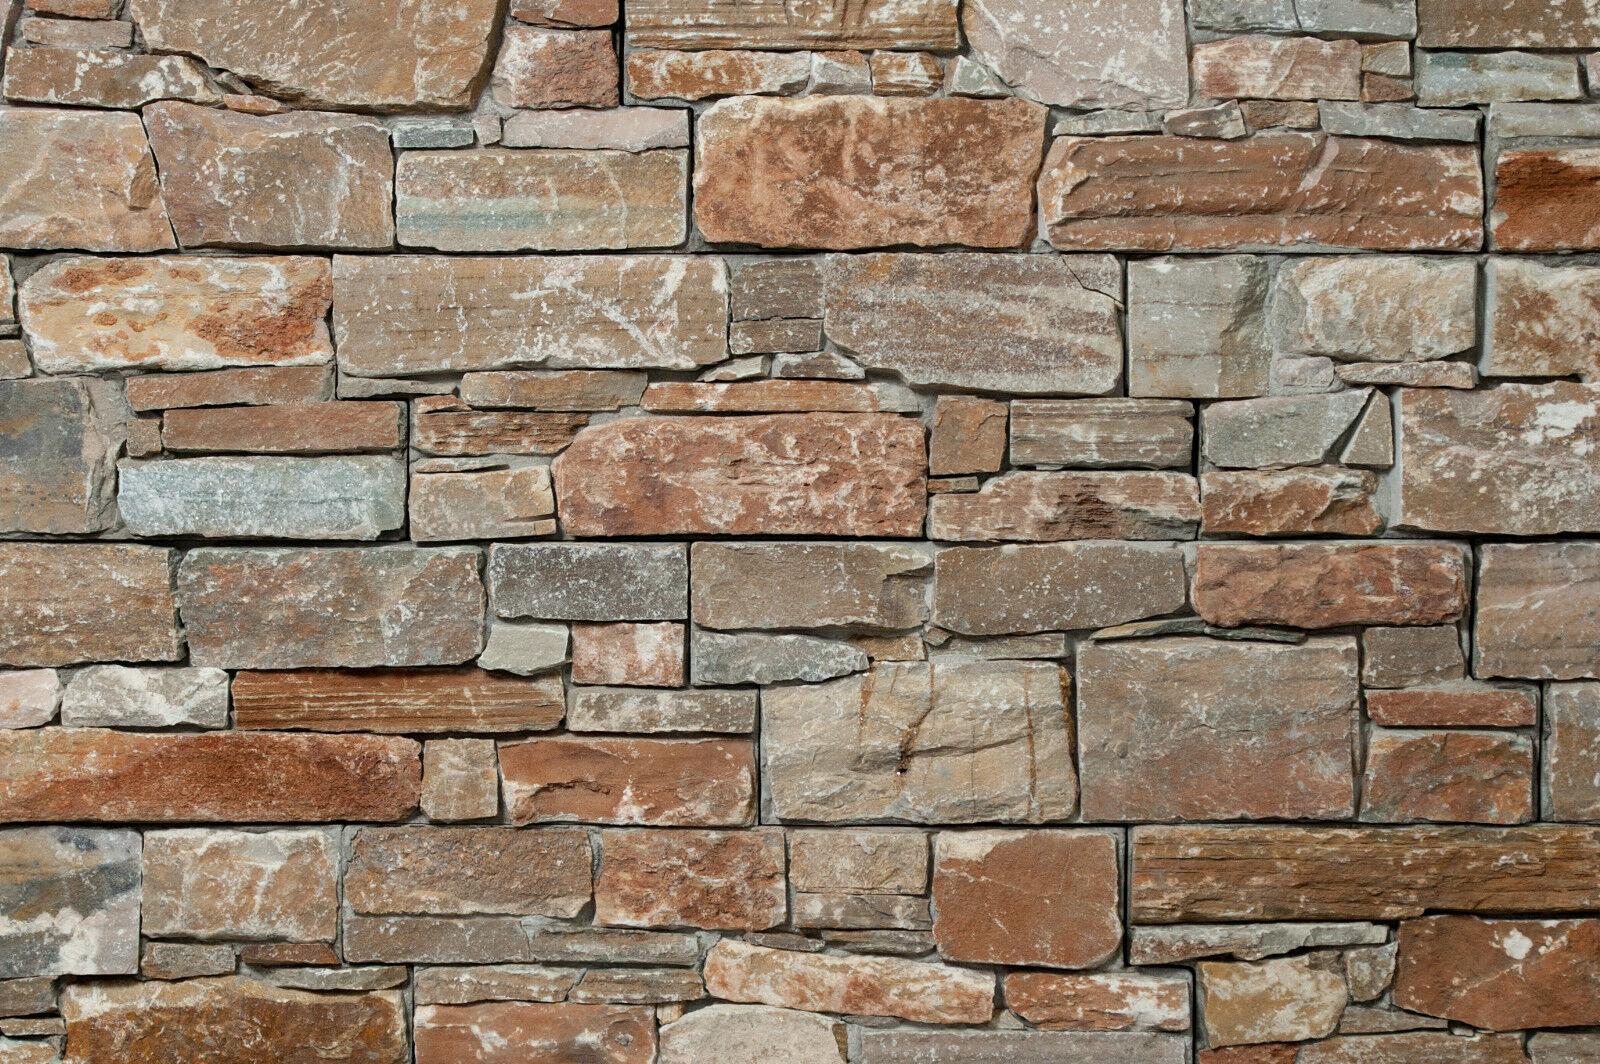 naturstein verblender wandverblender echtstein stein steinwand terra eur 8 90 picclick de. Black Bedroom Furniture Sets. Home Design Ideas